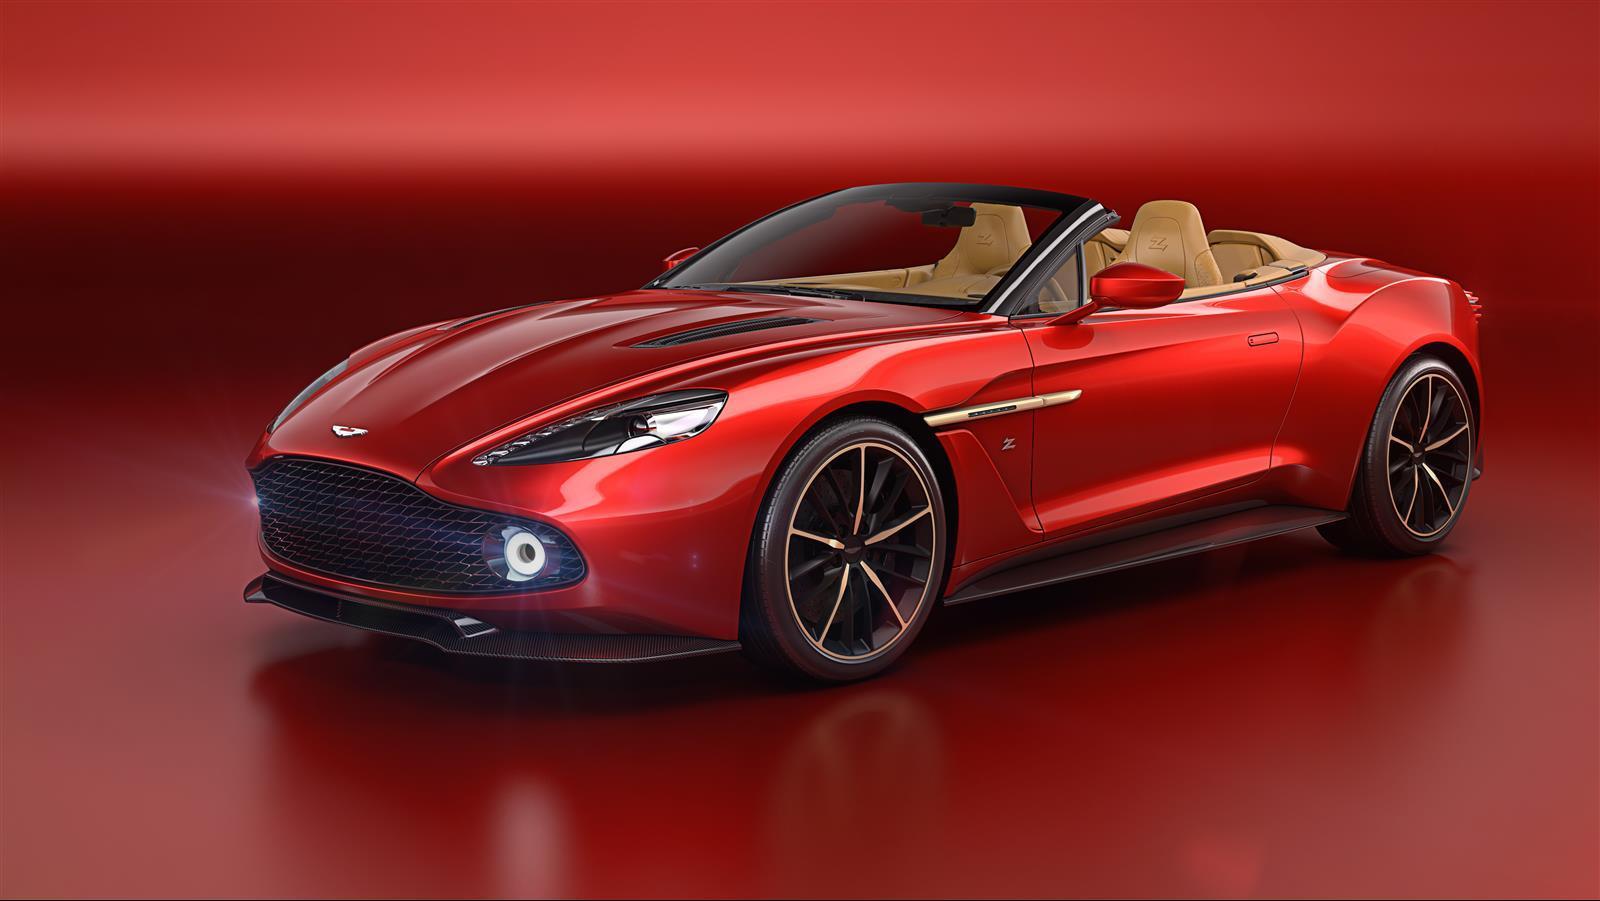 Aston Martin Vanquish Zagato Volante photo gallery